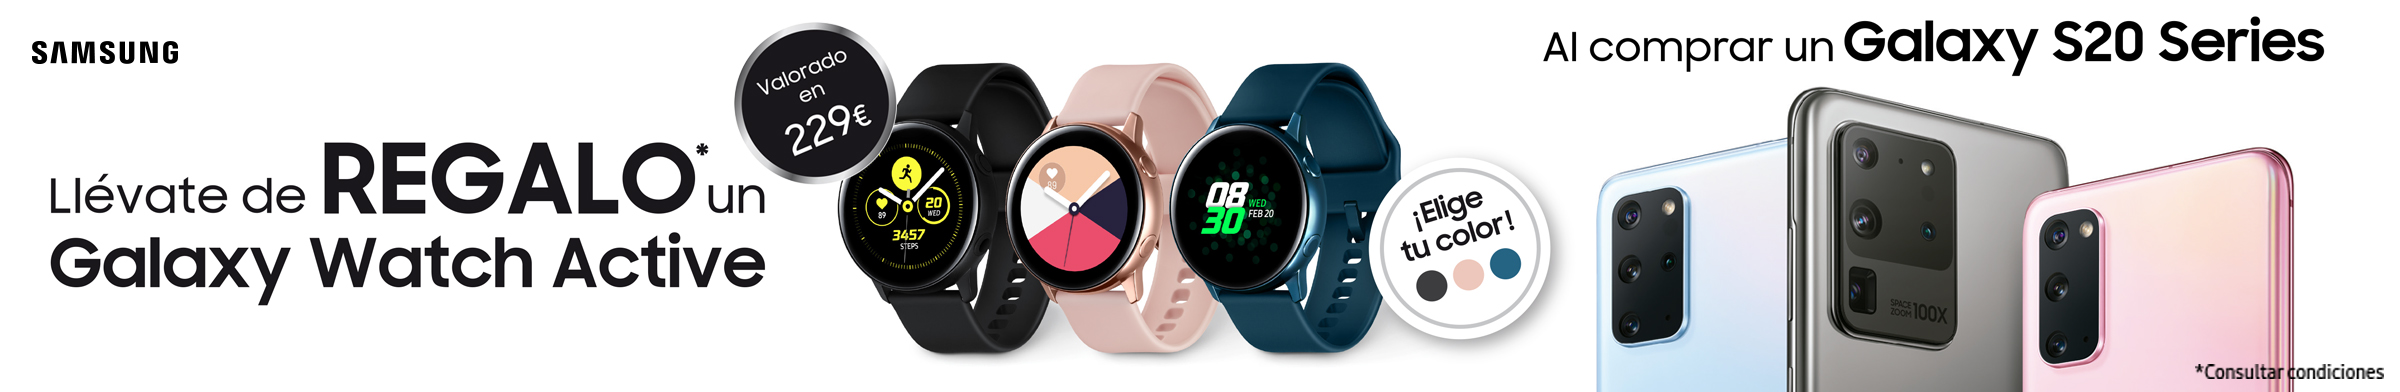 Llévate un Galaxy Watch Active de Regalo por la compra de un Galaxy S20 Series